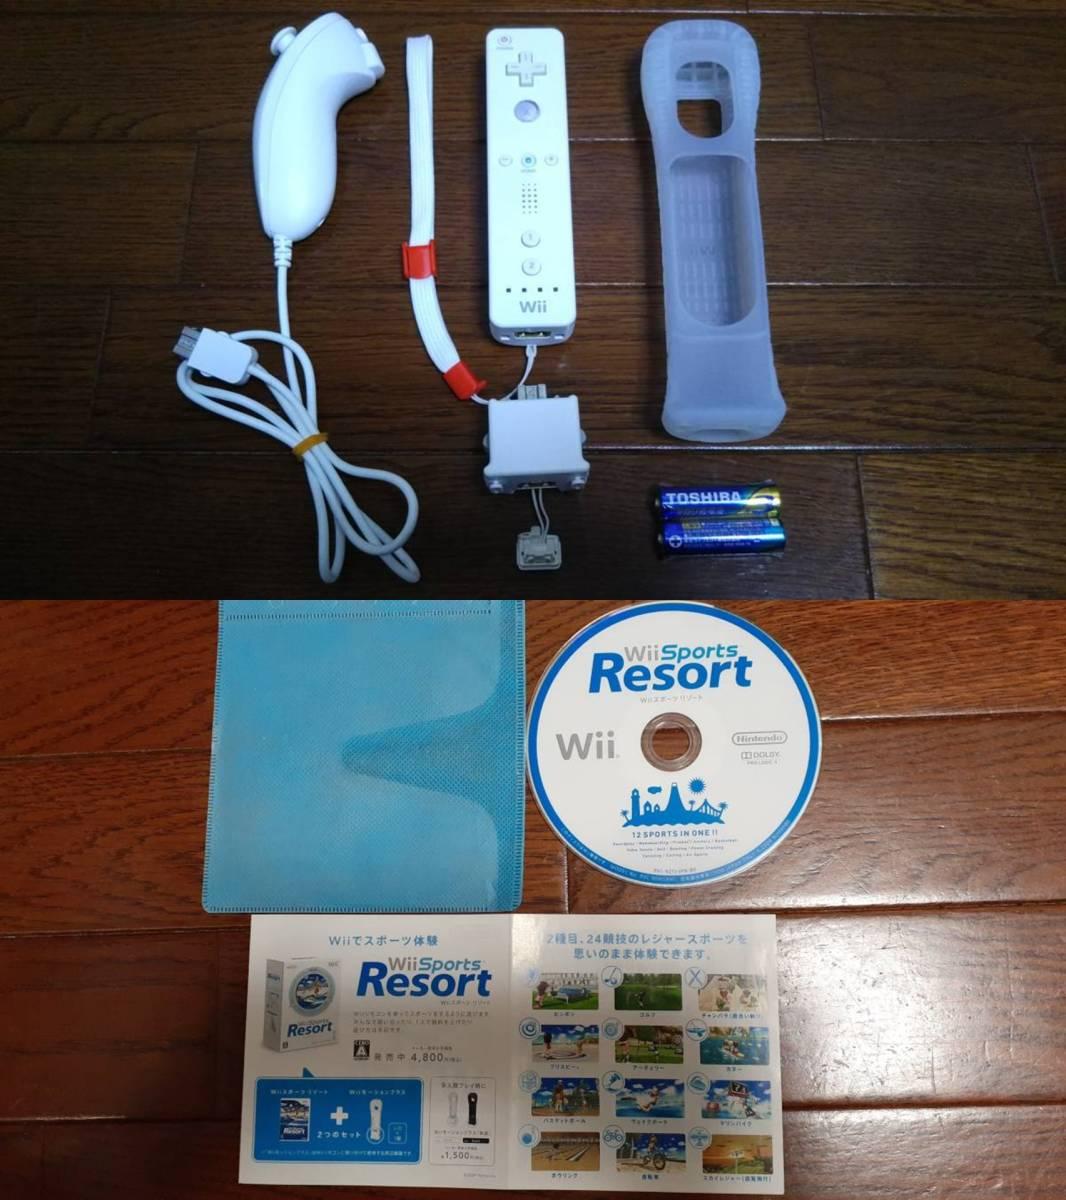 ストラップ新品 すぐに遊べる 電池2本付 美品 Wii リモコン モーション プラス リモコン カバー ヌンチャク スポーツリゾートソフト1枚・赤